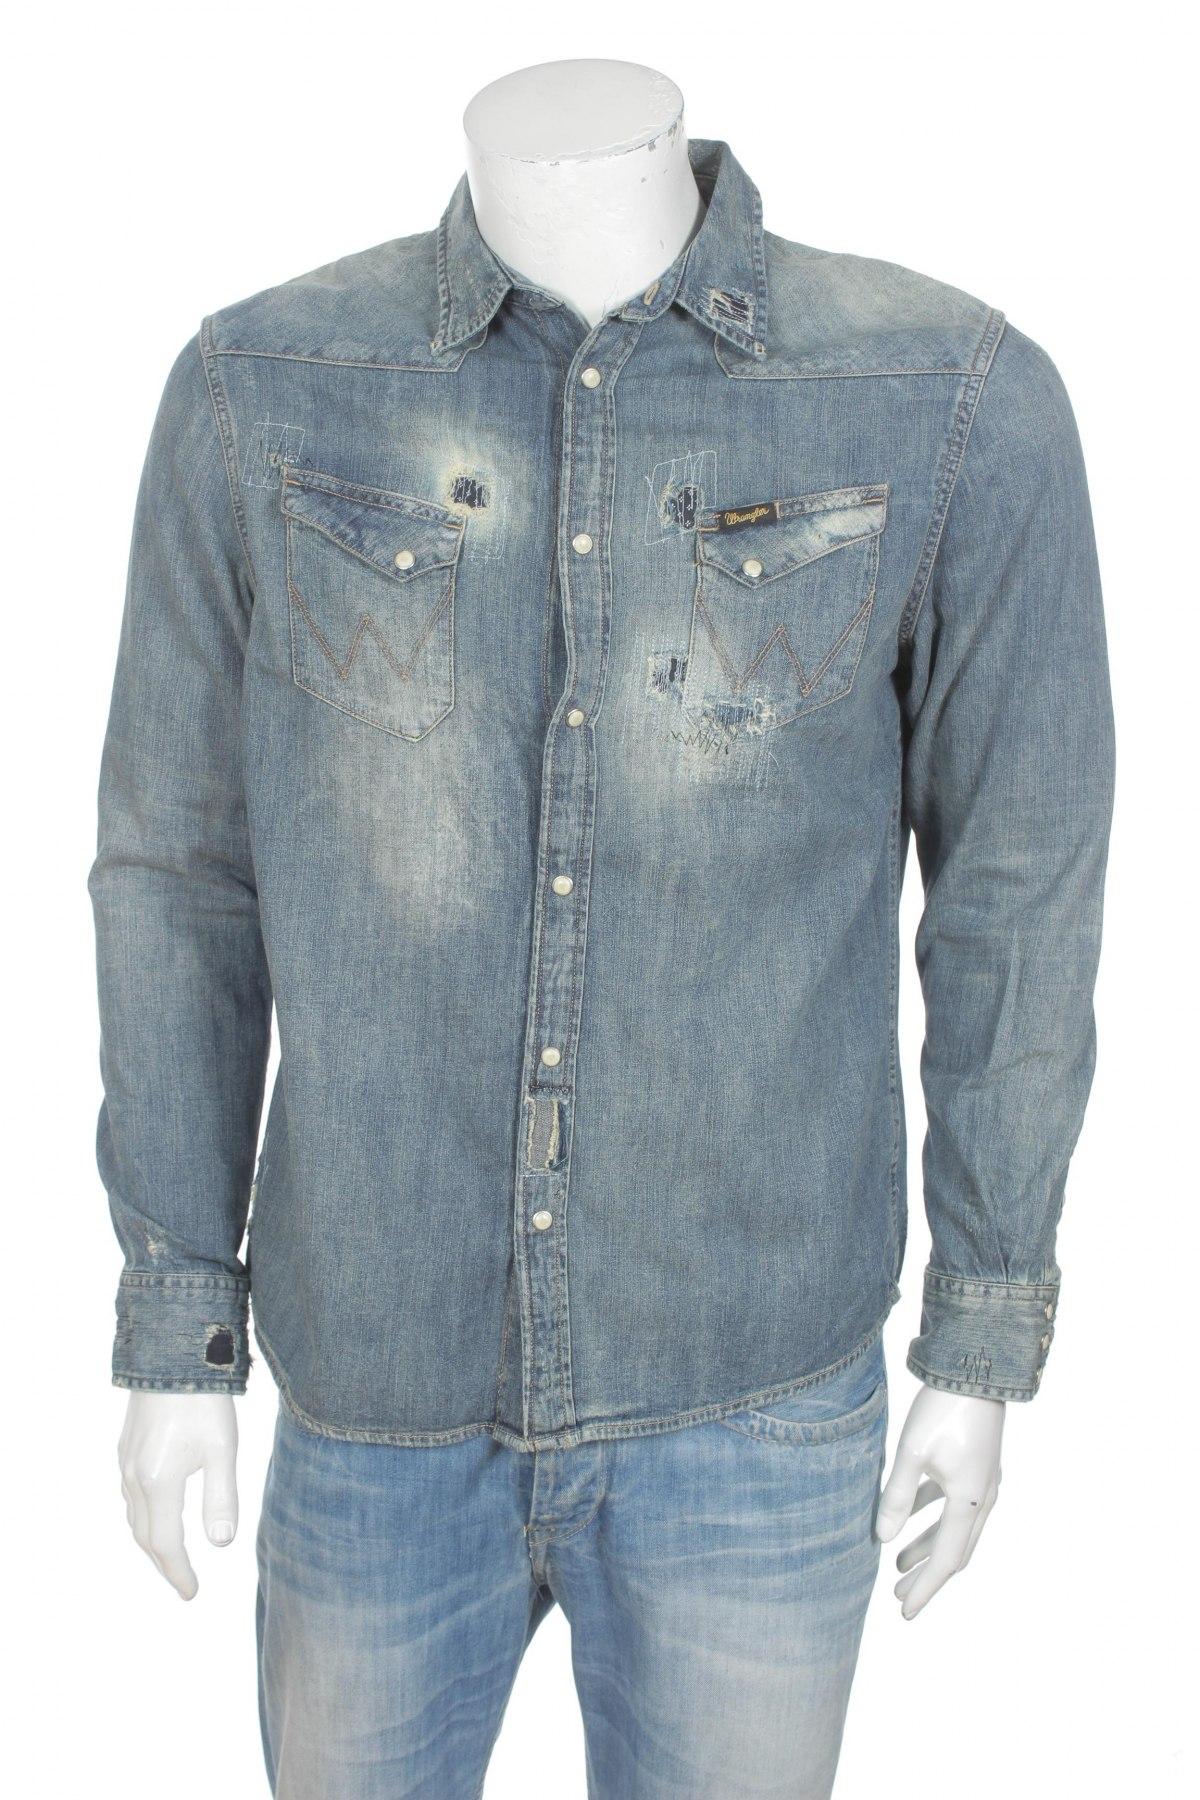 691f7402b014 Pánska košeľa Wrangler - za výhodnú cenu na Remix -  9144836